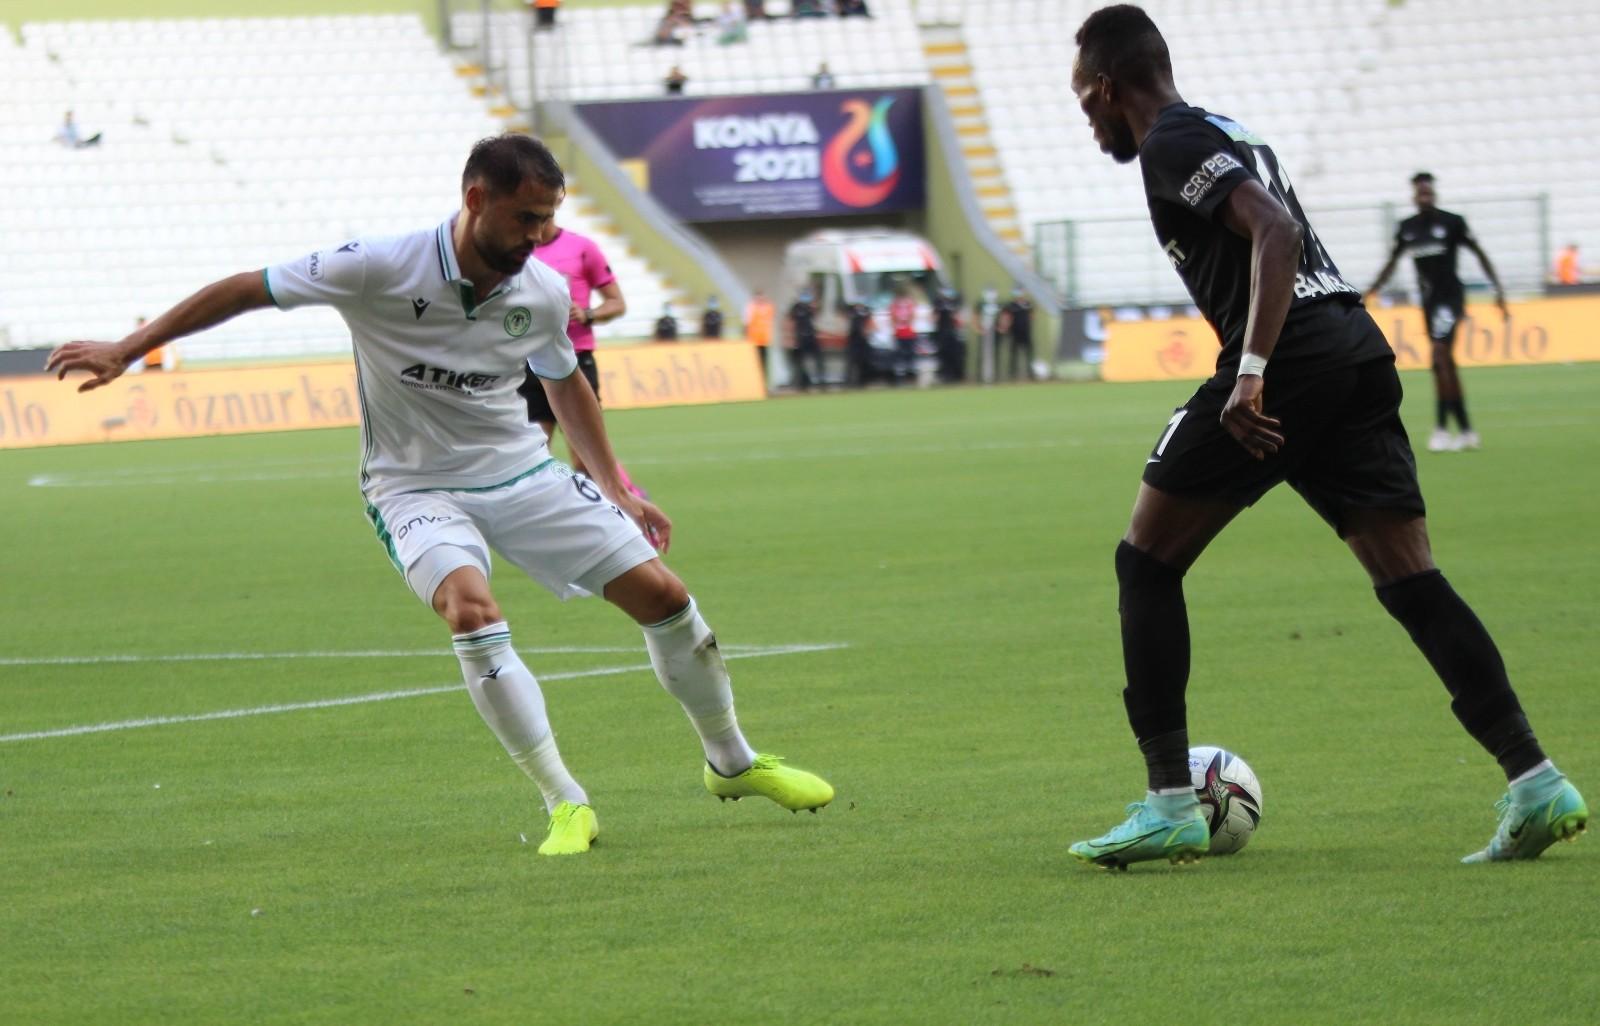 Süper Lig: Konyaspor: 2 – Altay: 0 (İlk yarı)